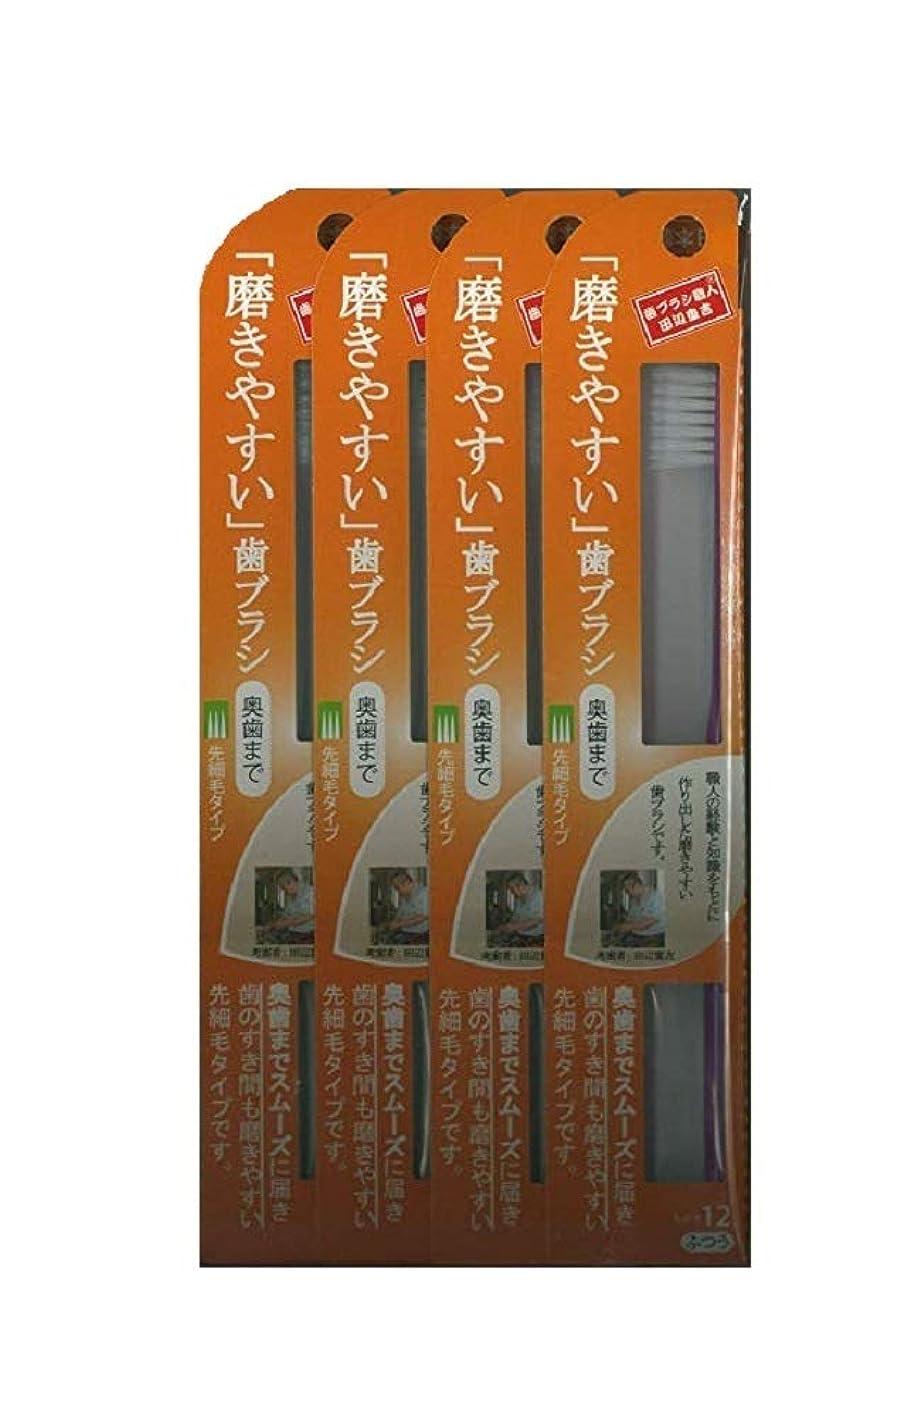 外交十分症状歯ブラシ職人 田辺重吉 磨きやすい歯ブラシ 奥歯まで 先細毛タイプ LT-12(1本×4個セット)